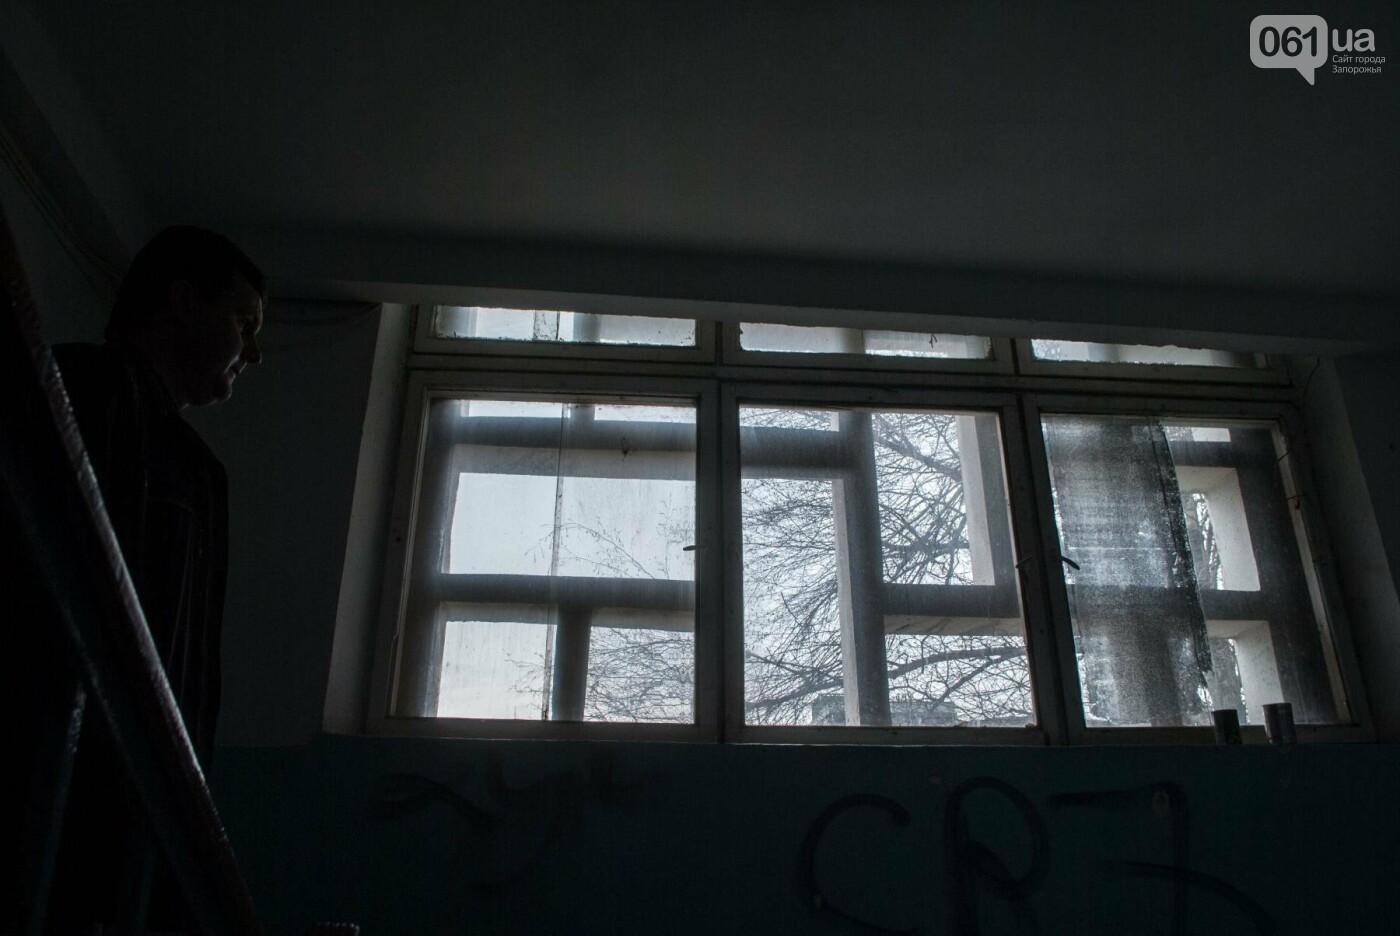 Сам себе хозяин: как запорожские ОСМД занимаются энергосбережением и значительно экономят на тарифах, — ФОТО, фото-47